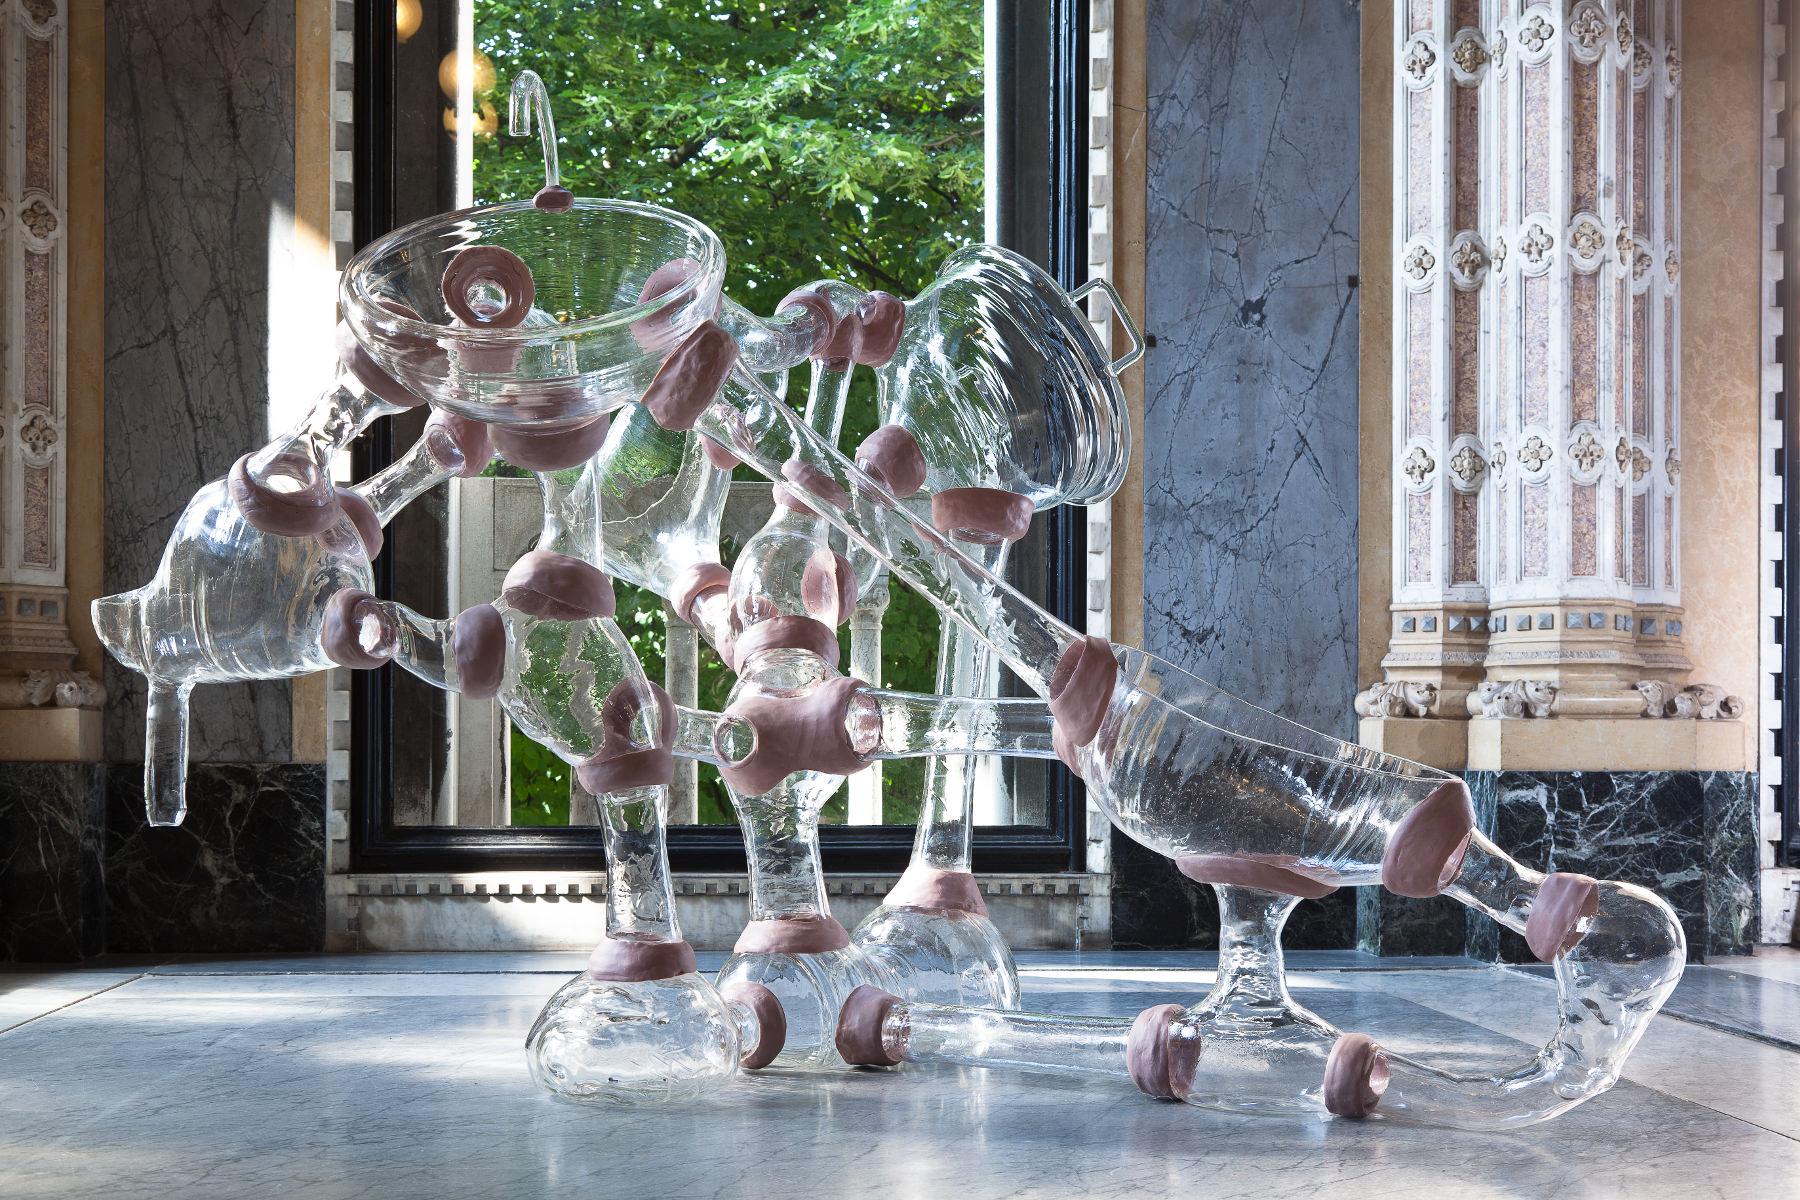 Atelier Van Lieshout's Excrementorium